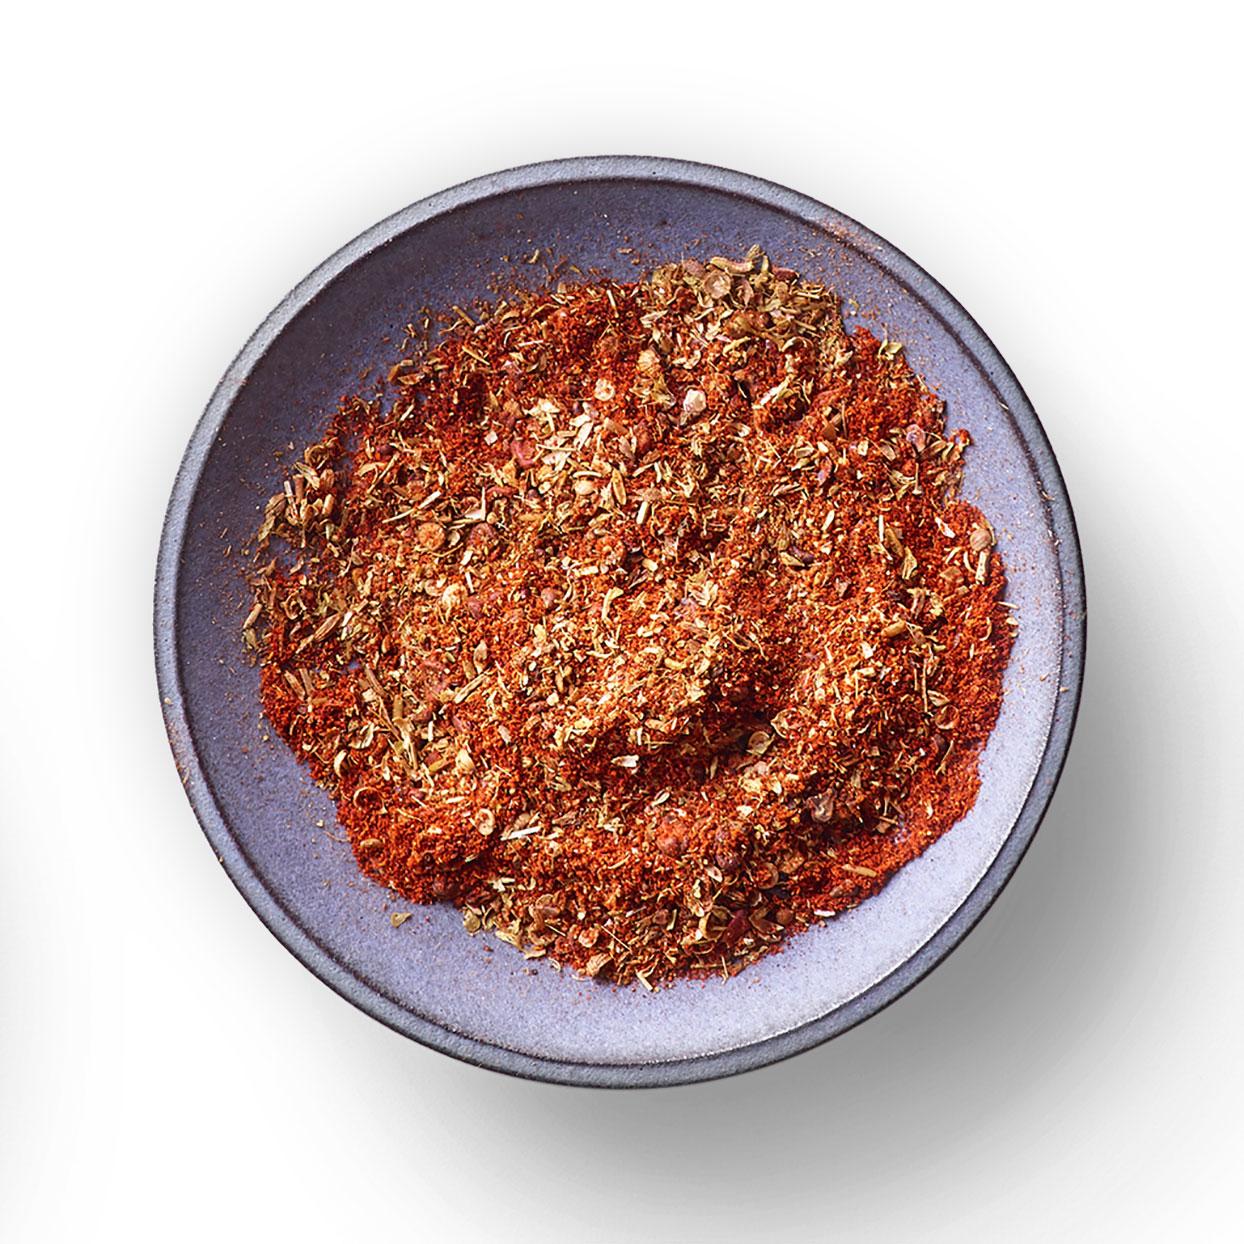 Annatto Spice Blend Allrecipes Trusted Brands